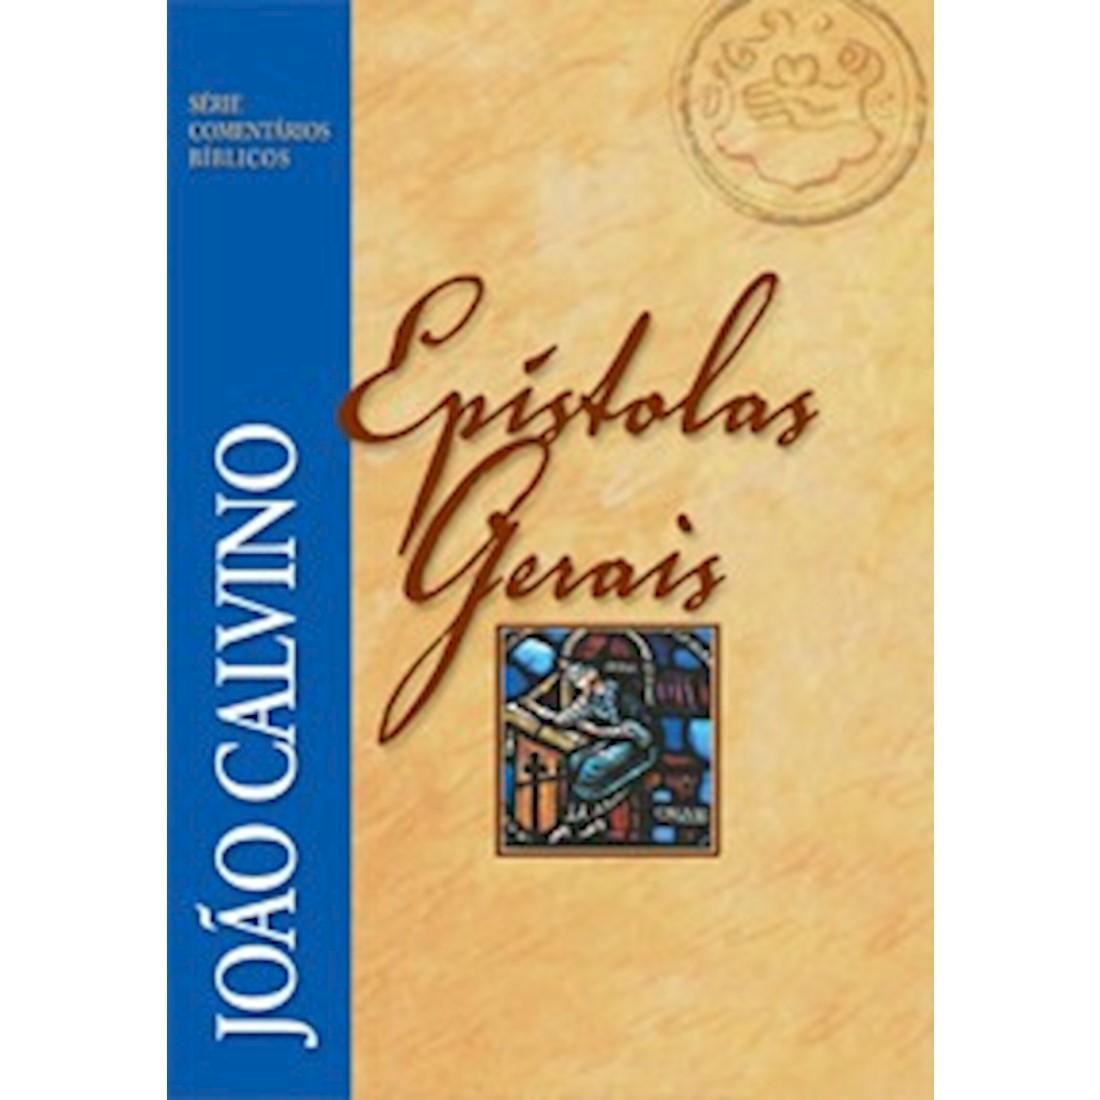 Série Comentários Bíblicos - Epístolas Gerais